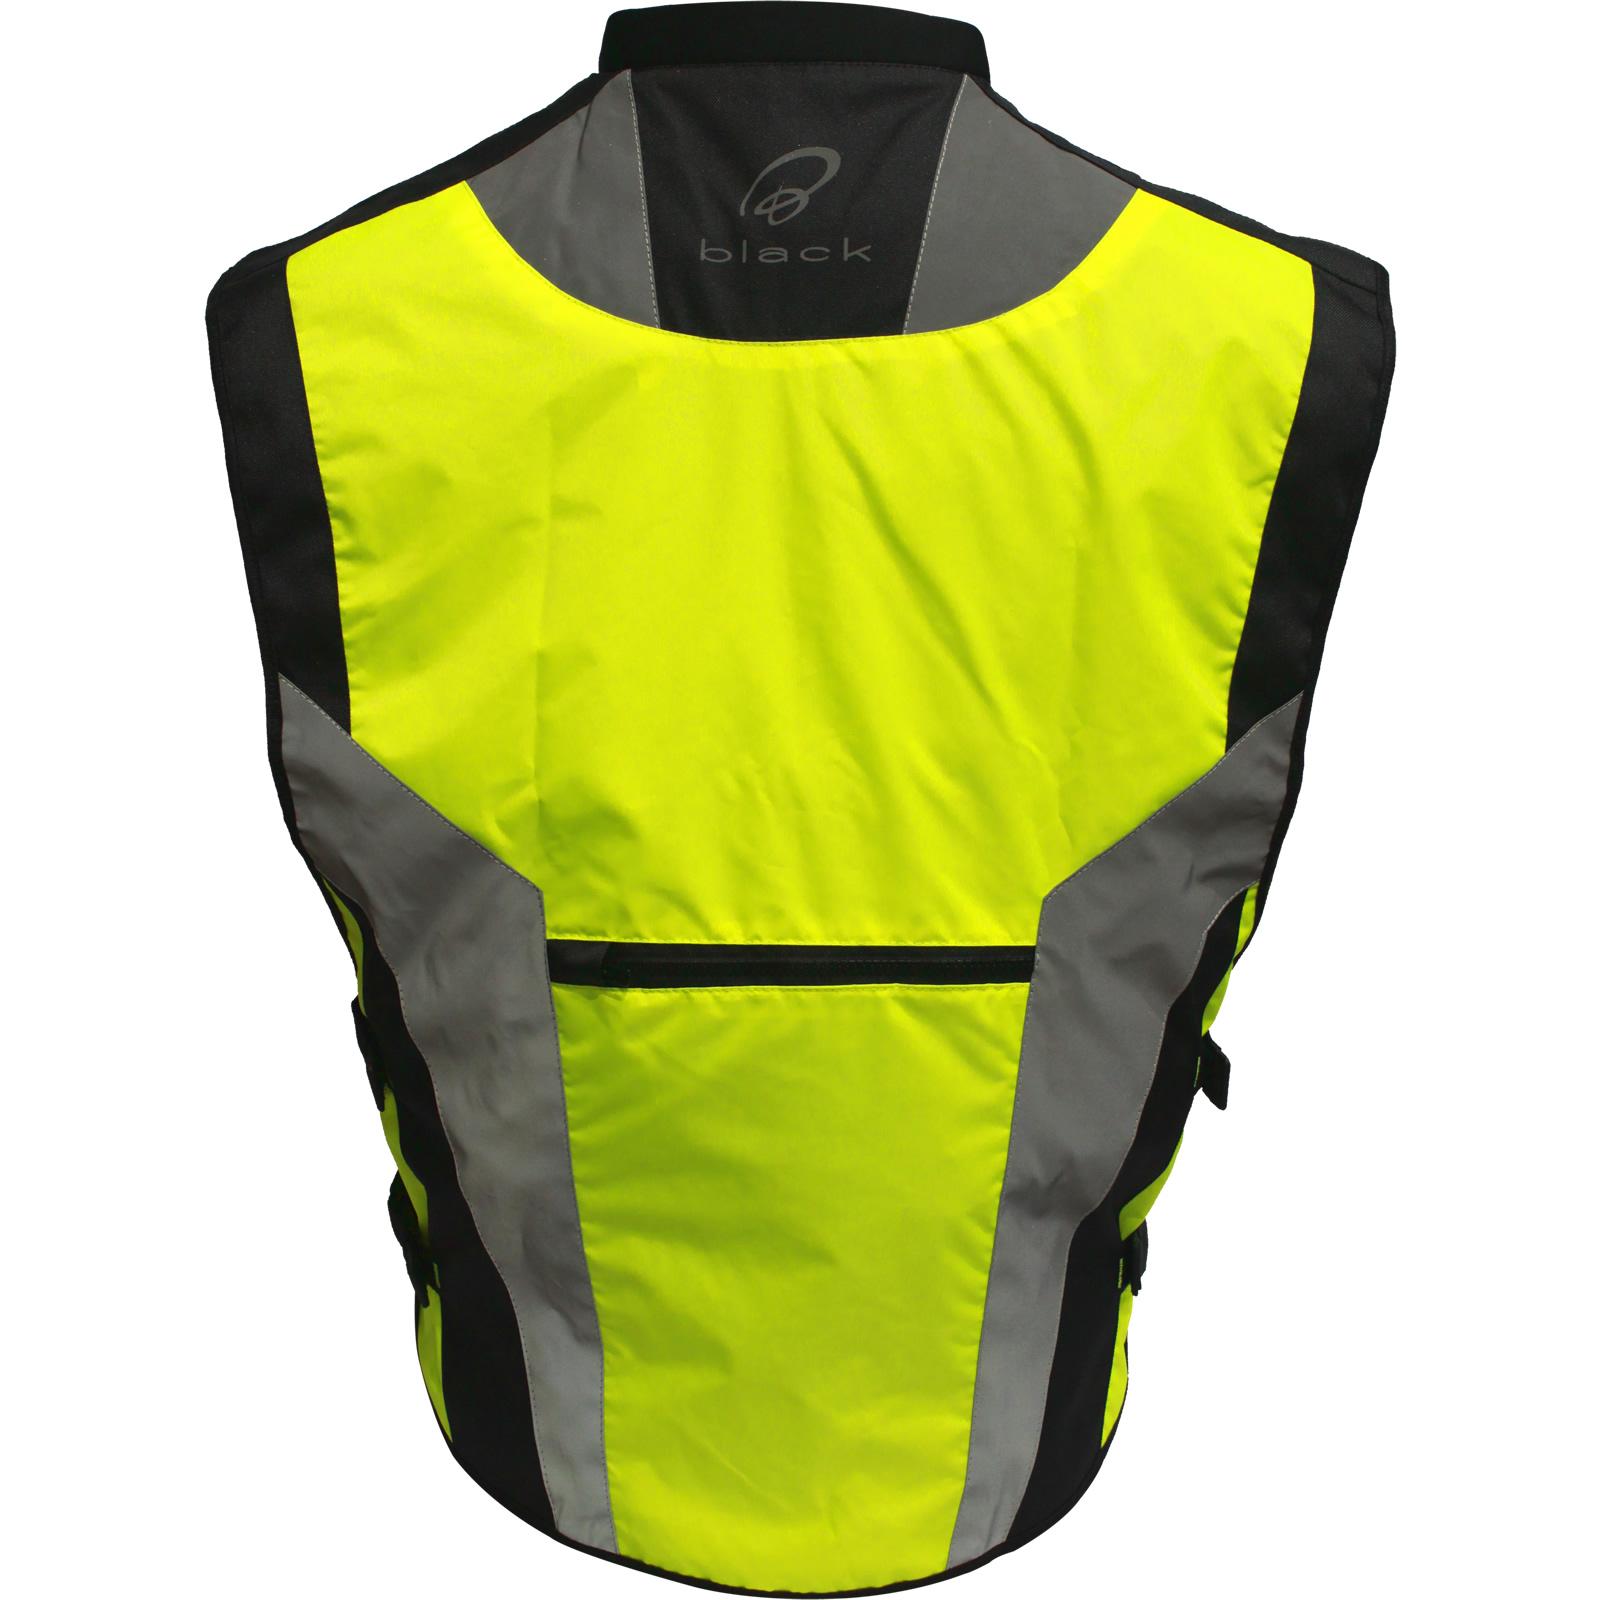 Black Hi Vis Motorcycle Vest